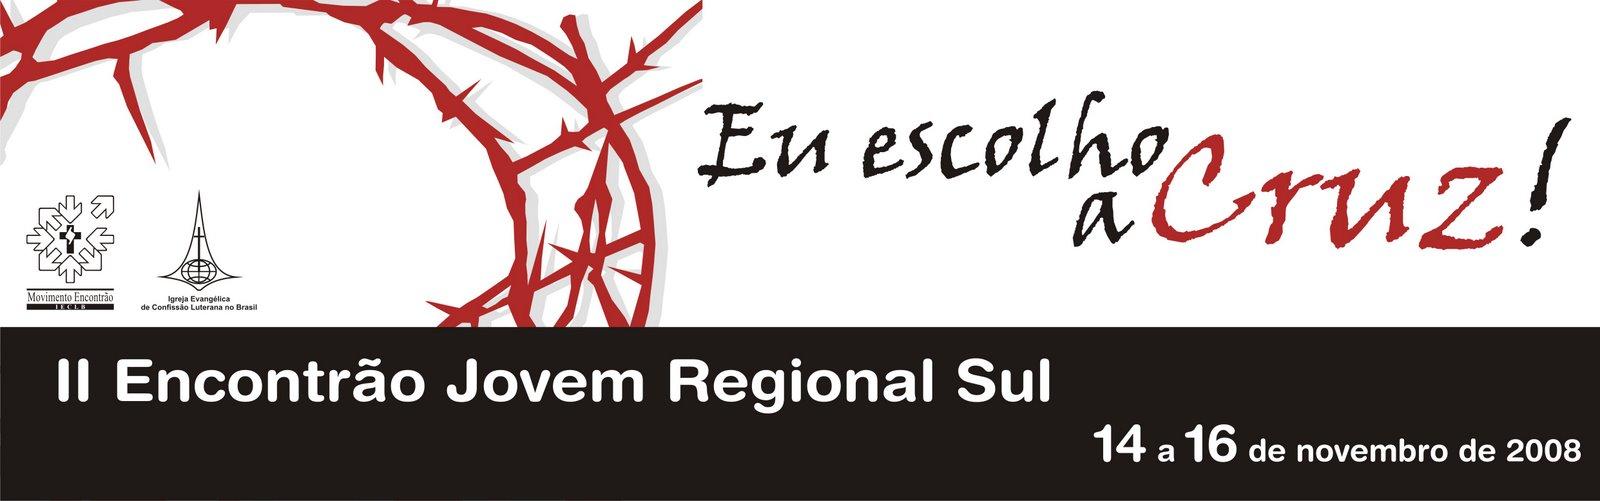 Encontrão Jovem Regional Sul